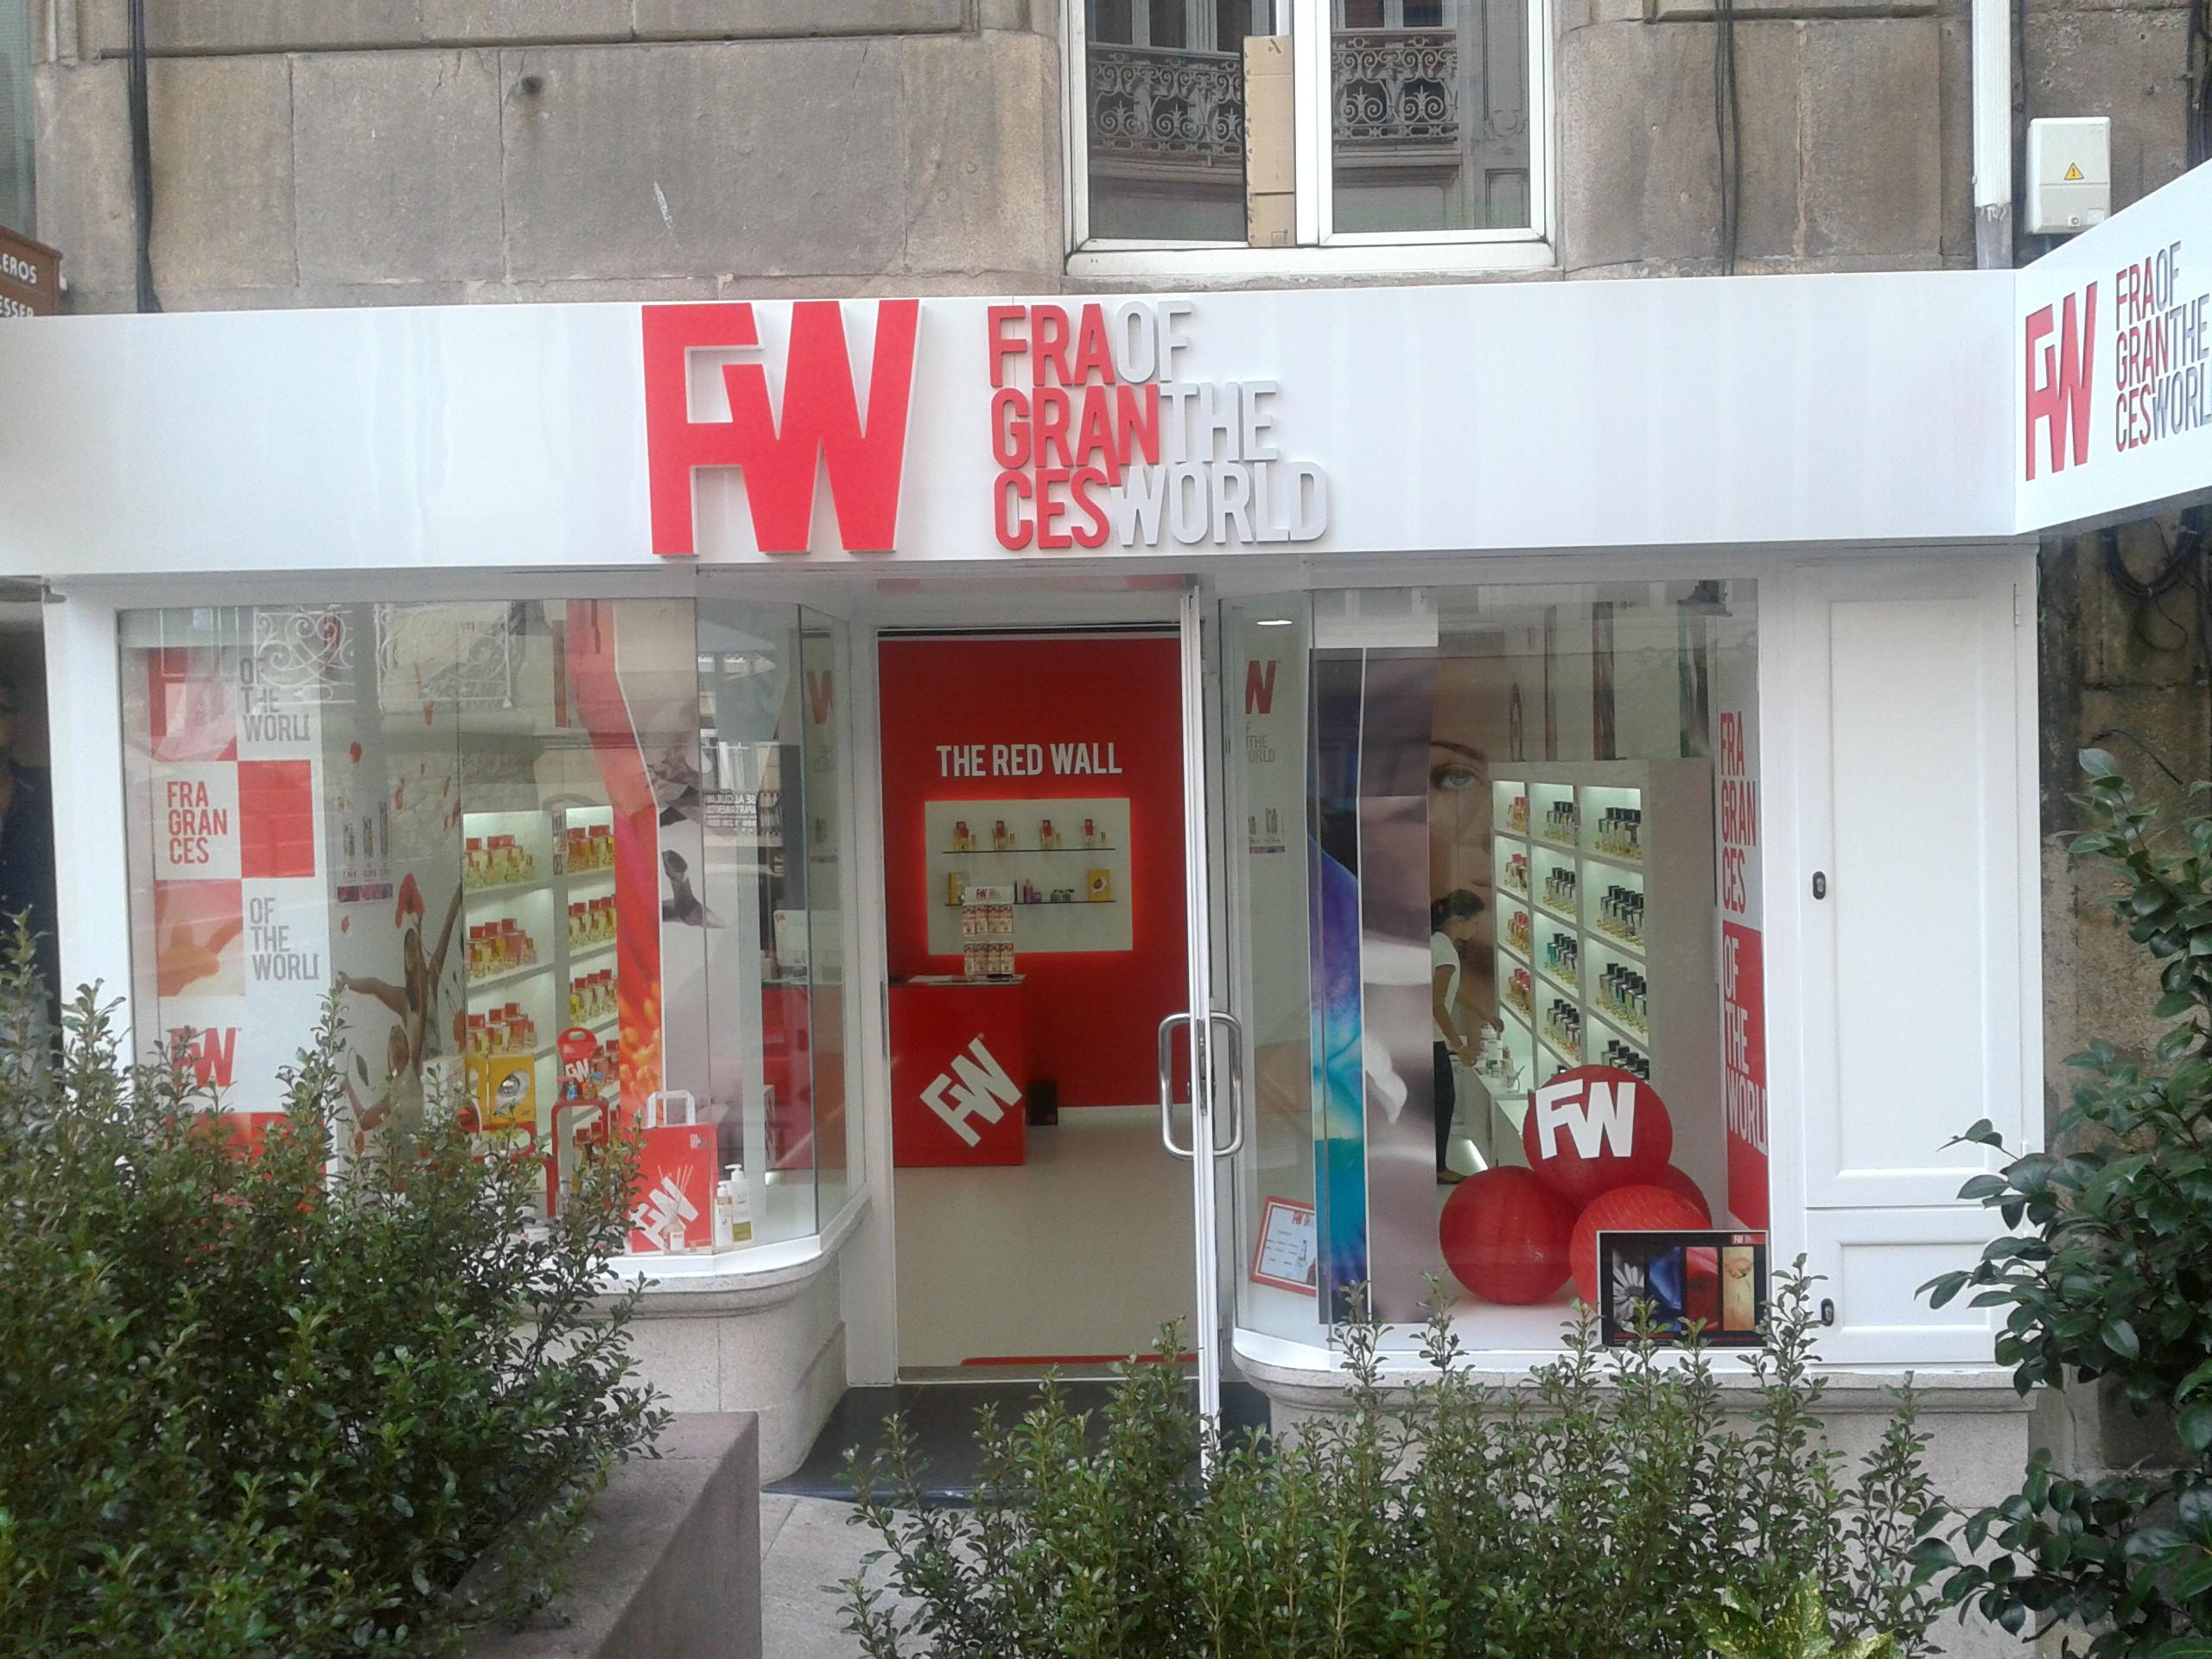 FW, Perfumería de marca blanca